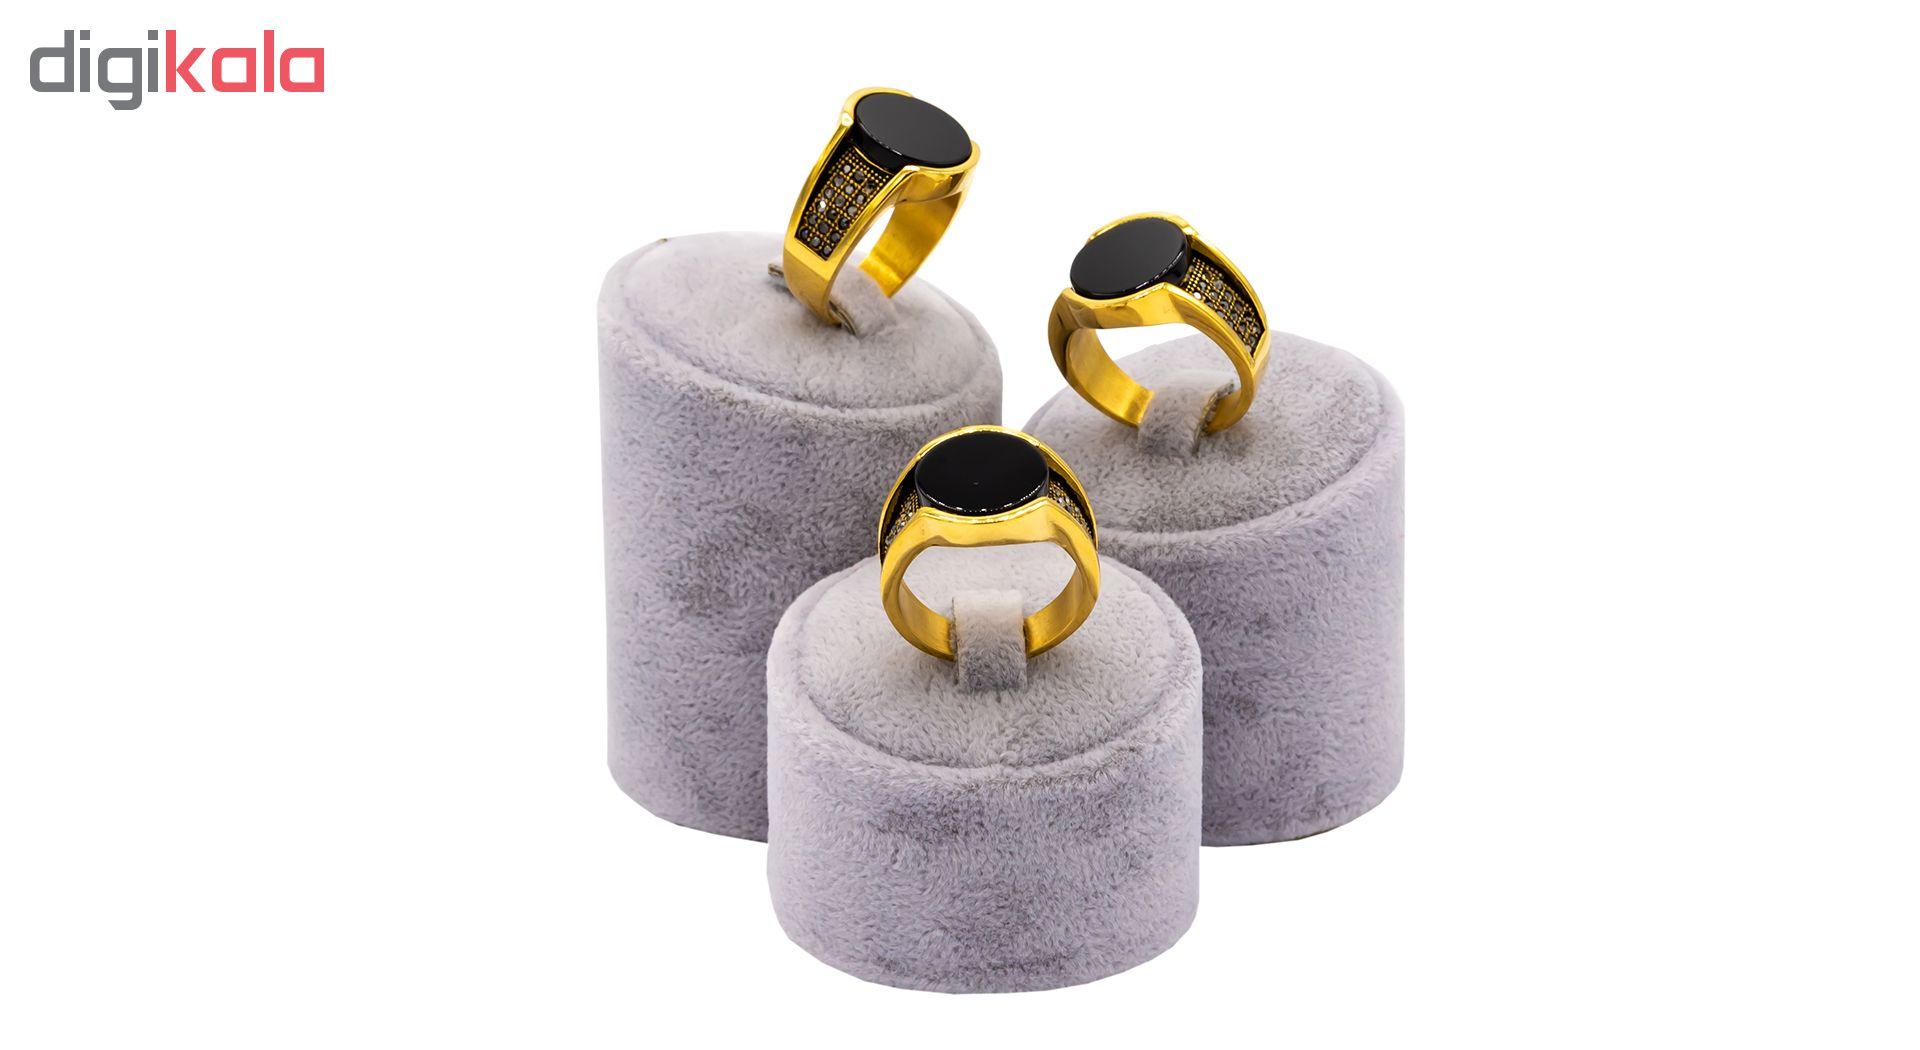 انگشتر مردانه بهارگالری مدل Round Luxury